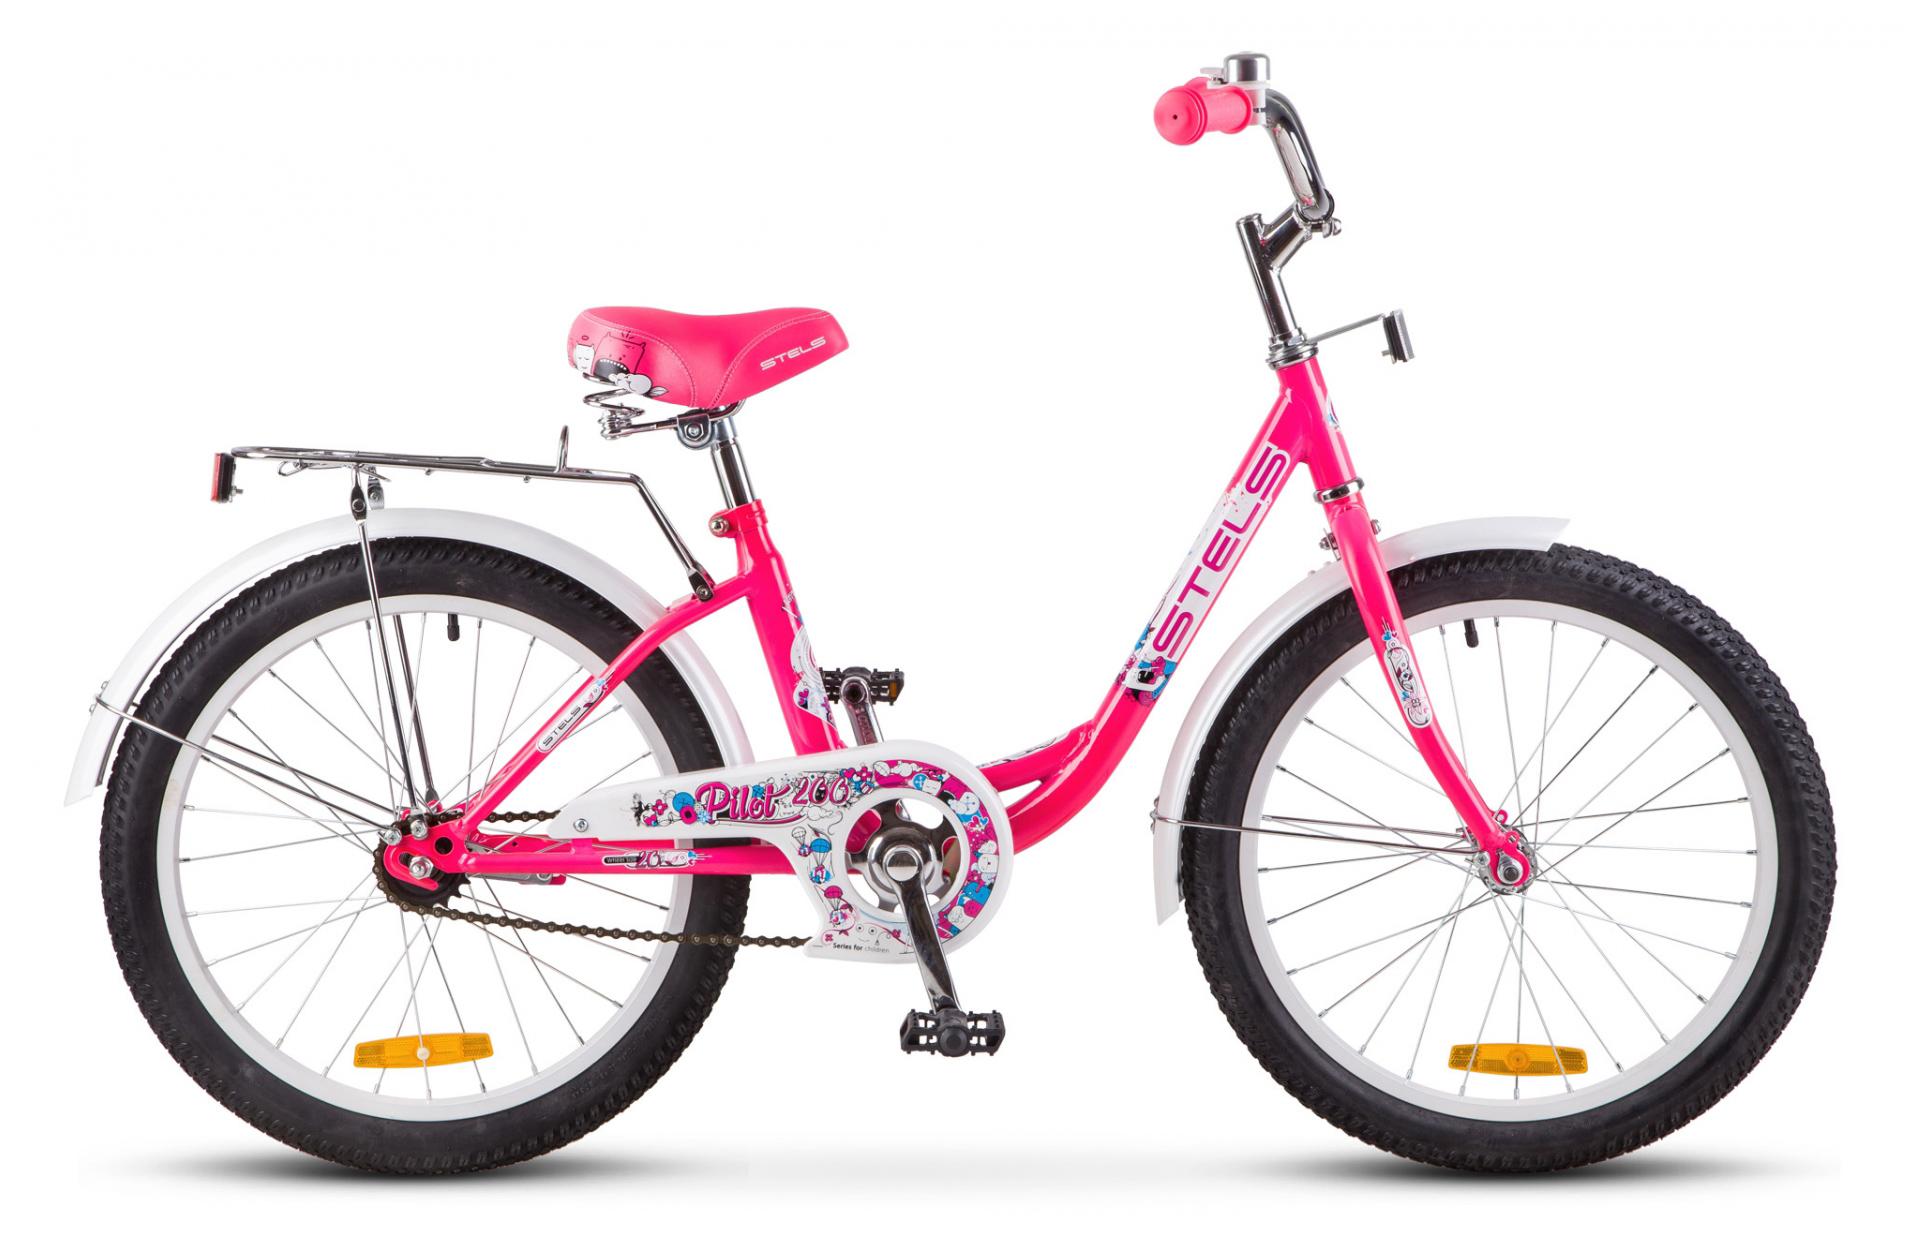 Велосипед Stels Pilot 200 Lady 20 (Z010) 2019 велосипед stels stels велосипед 2018 2018